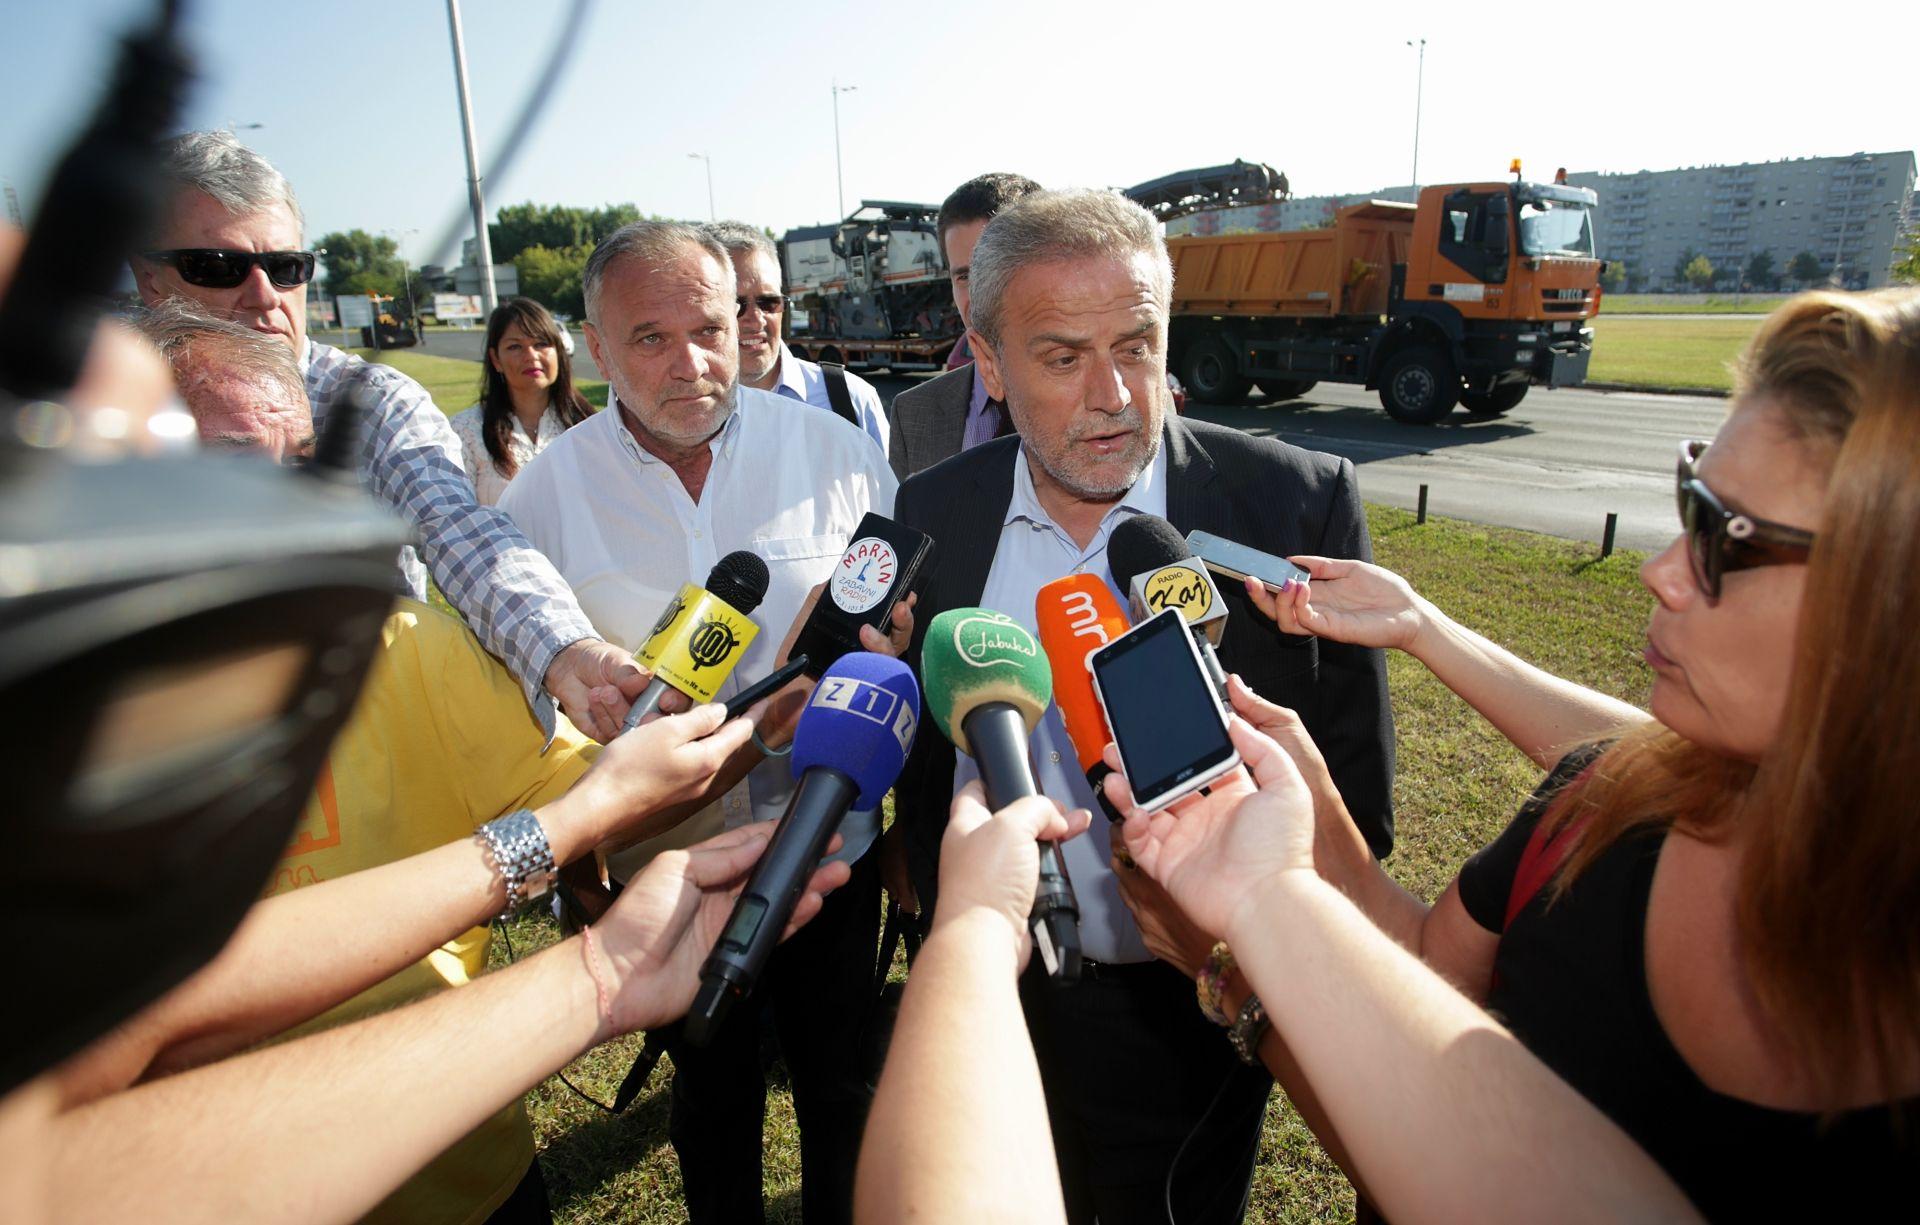 PRIJE SLUŽBENE KAMPANJE: Milan Bandić započeo s izbornim plakatima